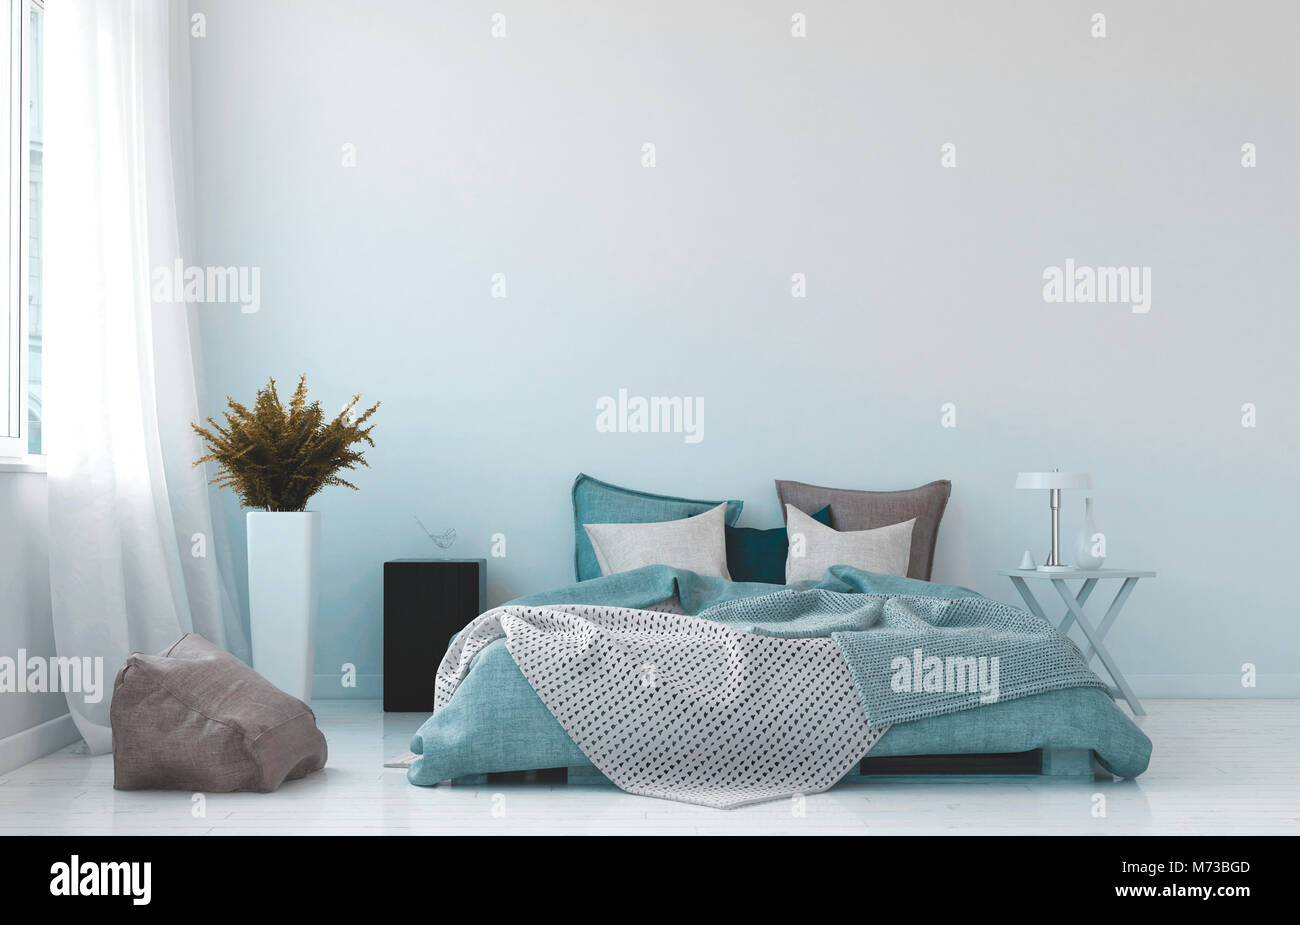 Cool blu e bianco interiore camera da letto con un